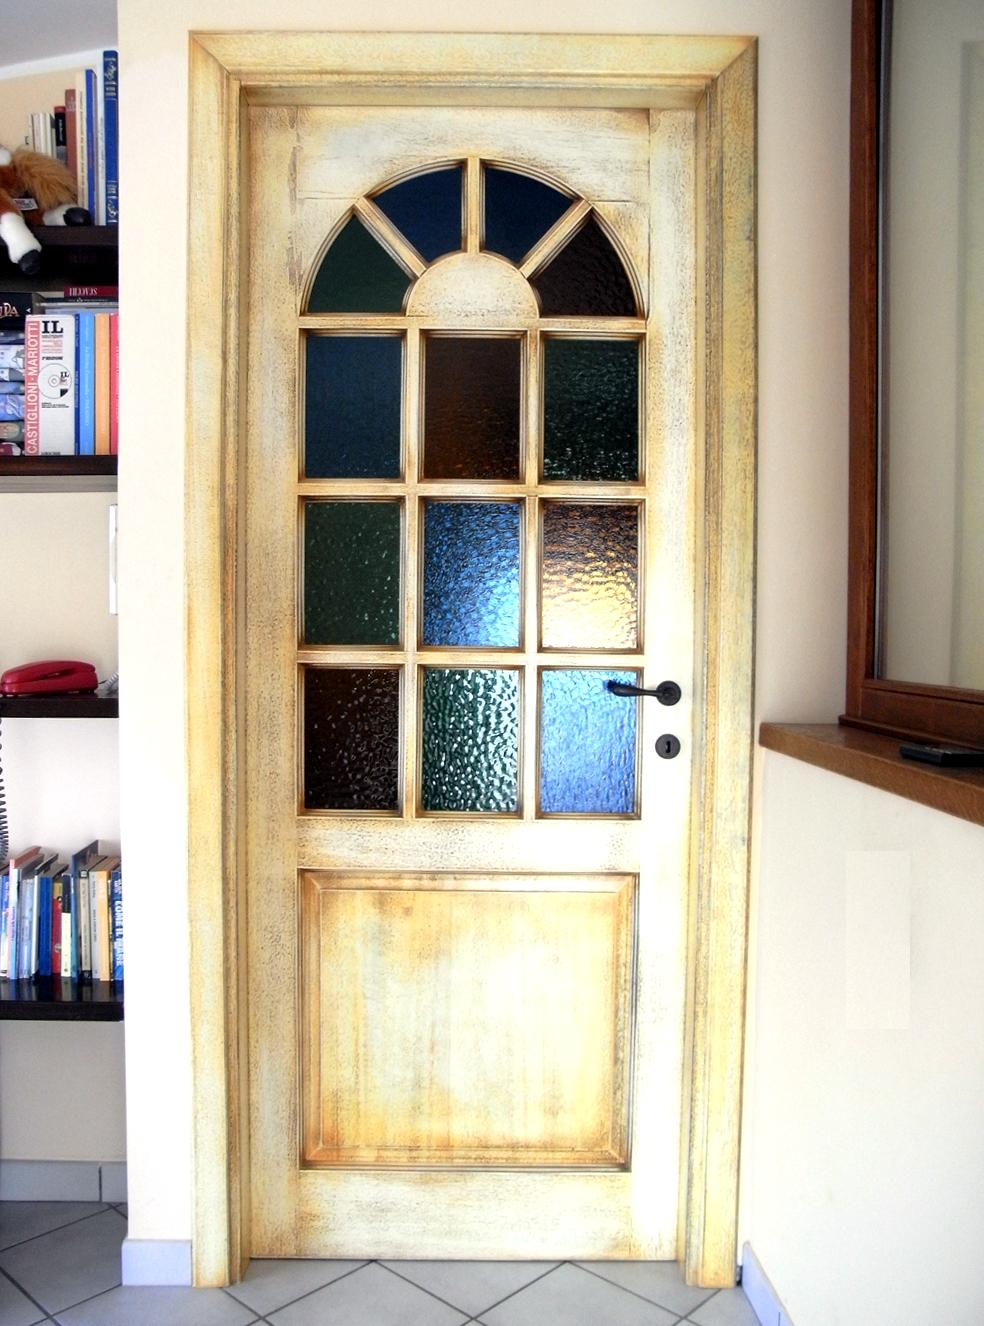 Galleria falegnameria ceccarini - Porta finestra in inglese ...